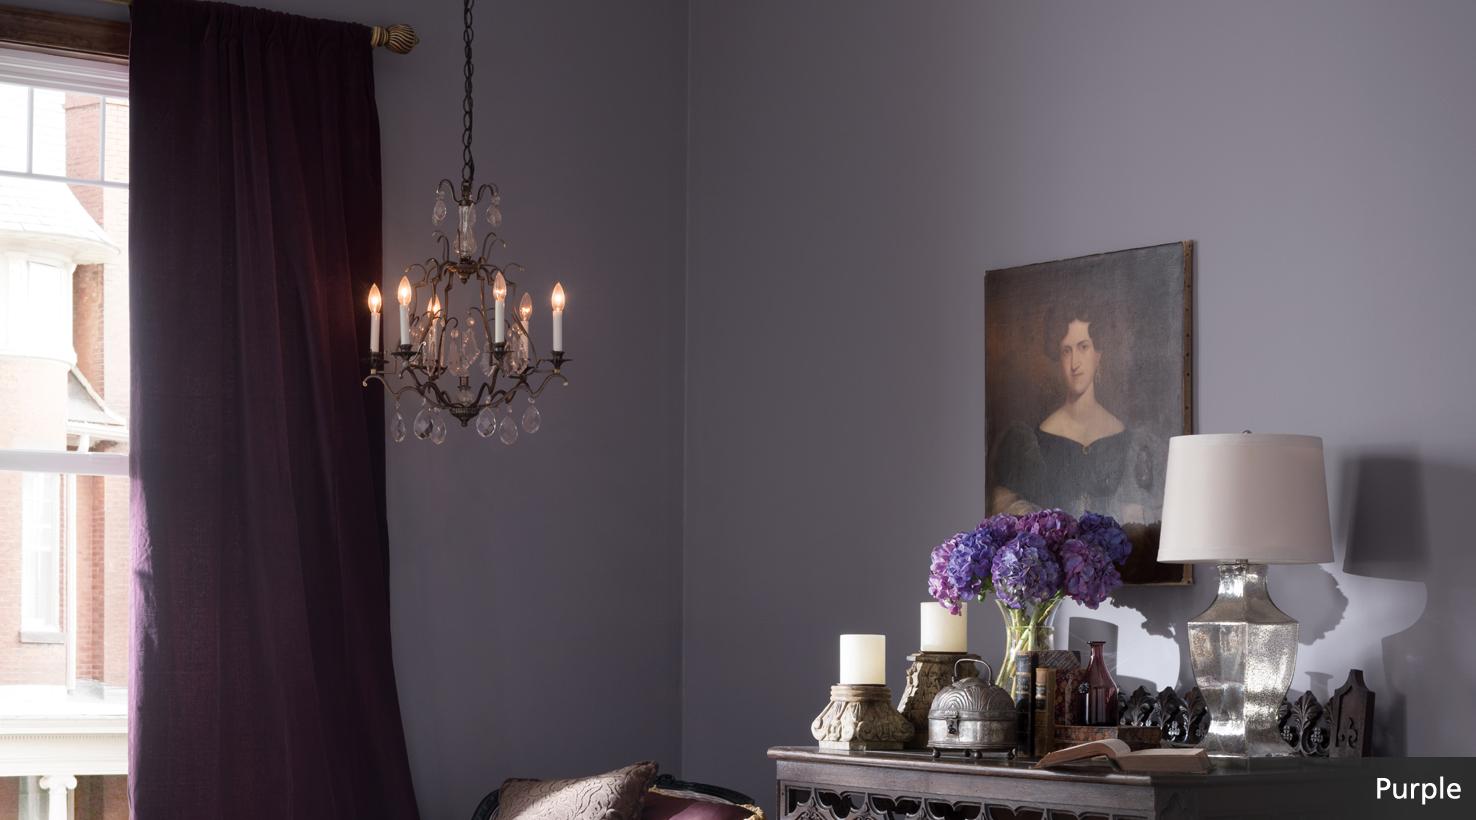 Purple postcard room scene